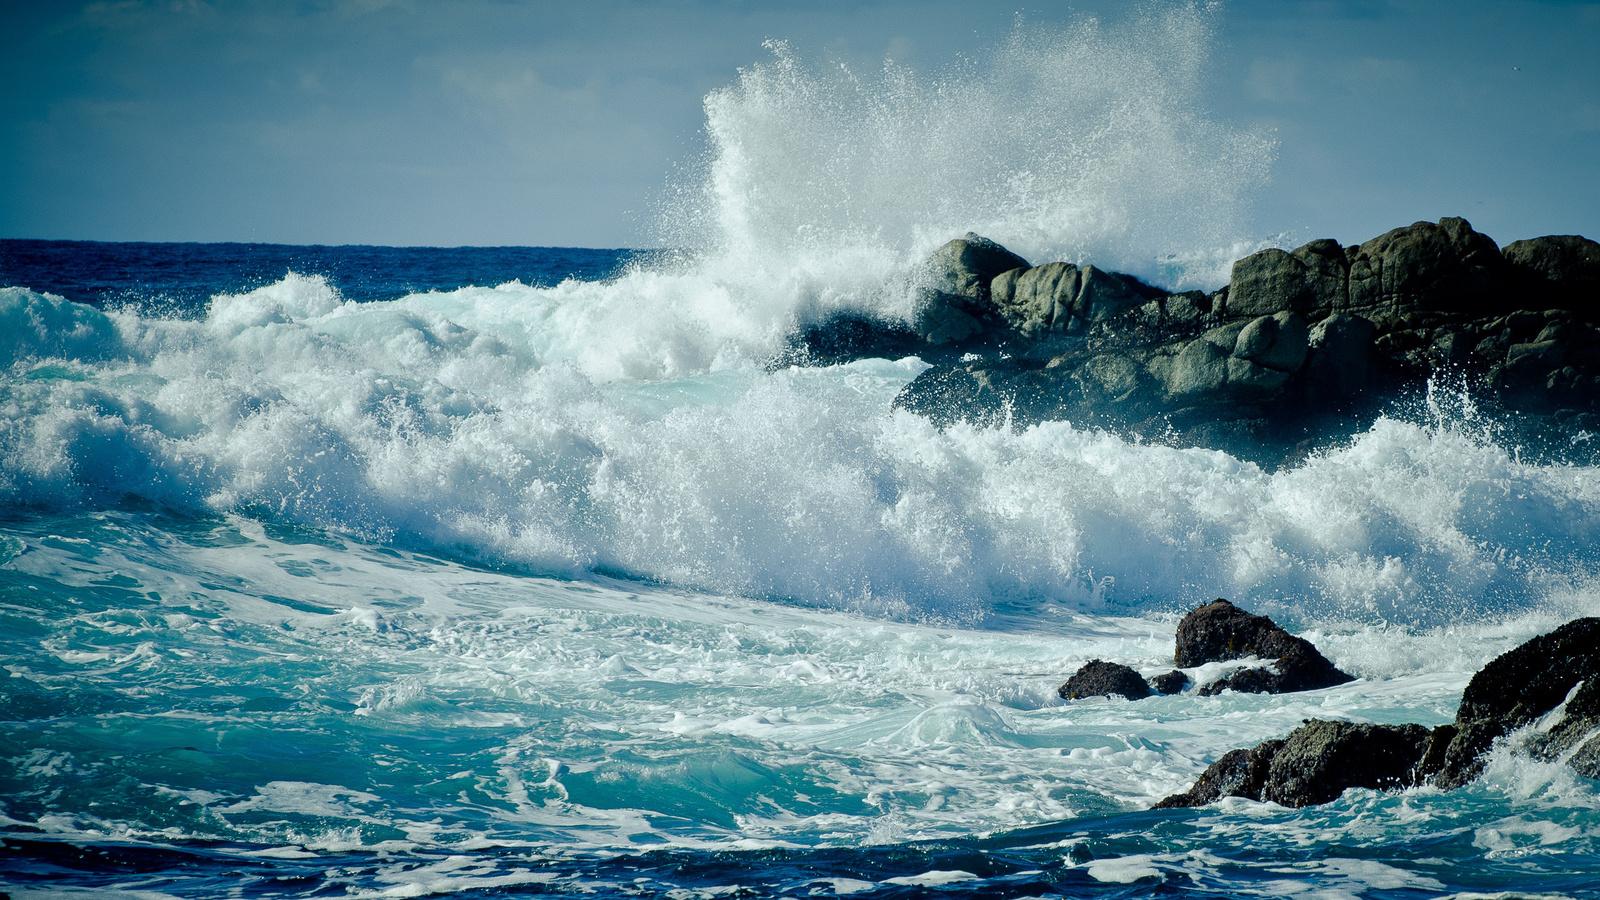 Пейзажи, широкоформатные обои, море, океан, вода, волны, волна, скала, скалы, пена, брызги, берег, капля, капли, шторм, сша, калифорния, california, monterey, монтерей, стихия, прибой, камни